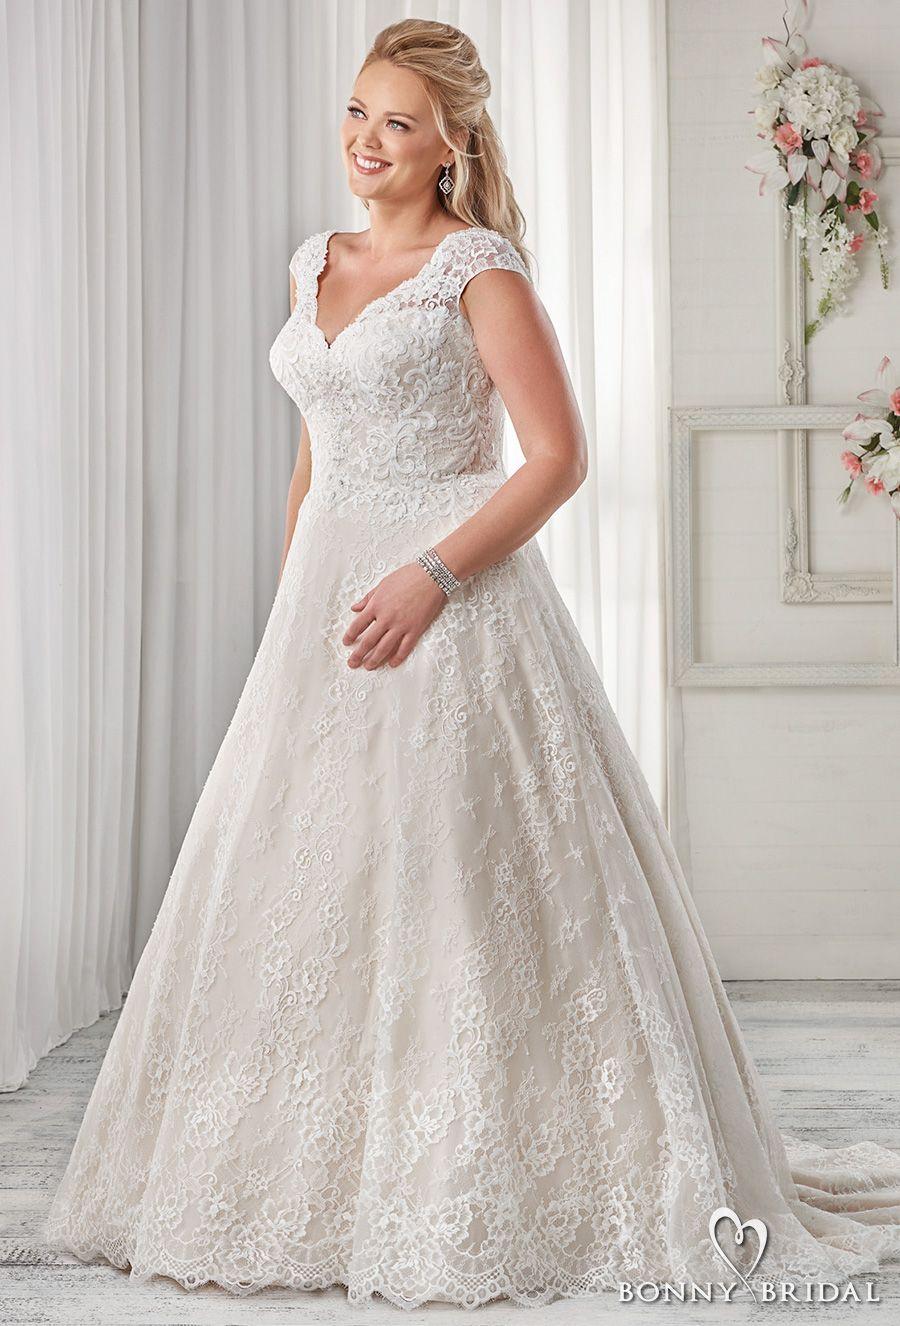 Vestido De Noiva Evase Wedding Dress Organza Plus Size Wedding Gowns Plus Wedding Dresses [ 1080 x 1080 Pixel ]